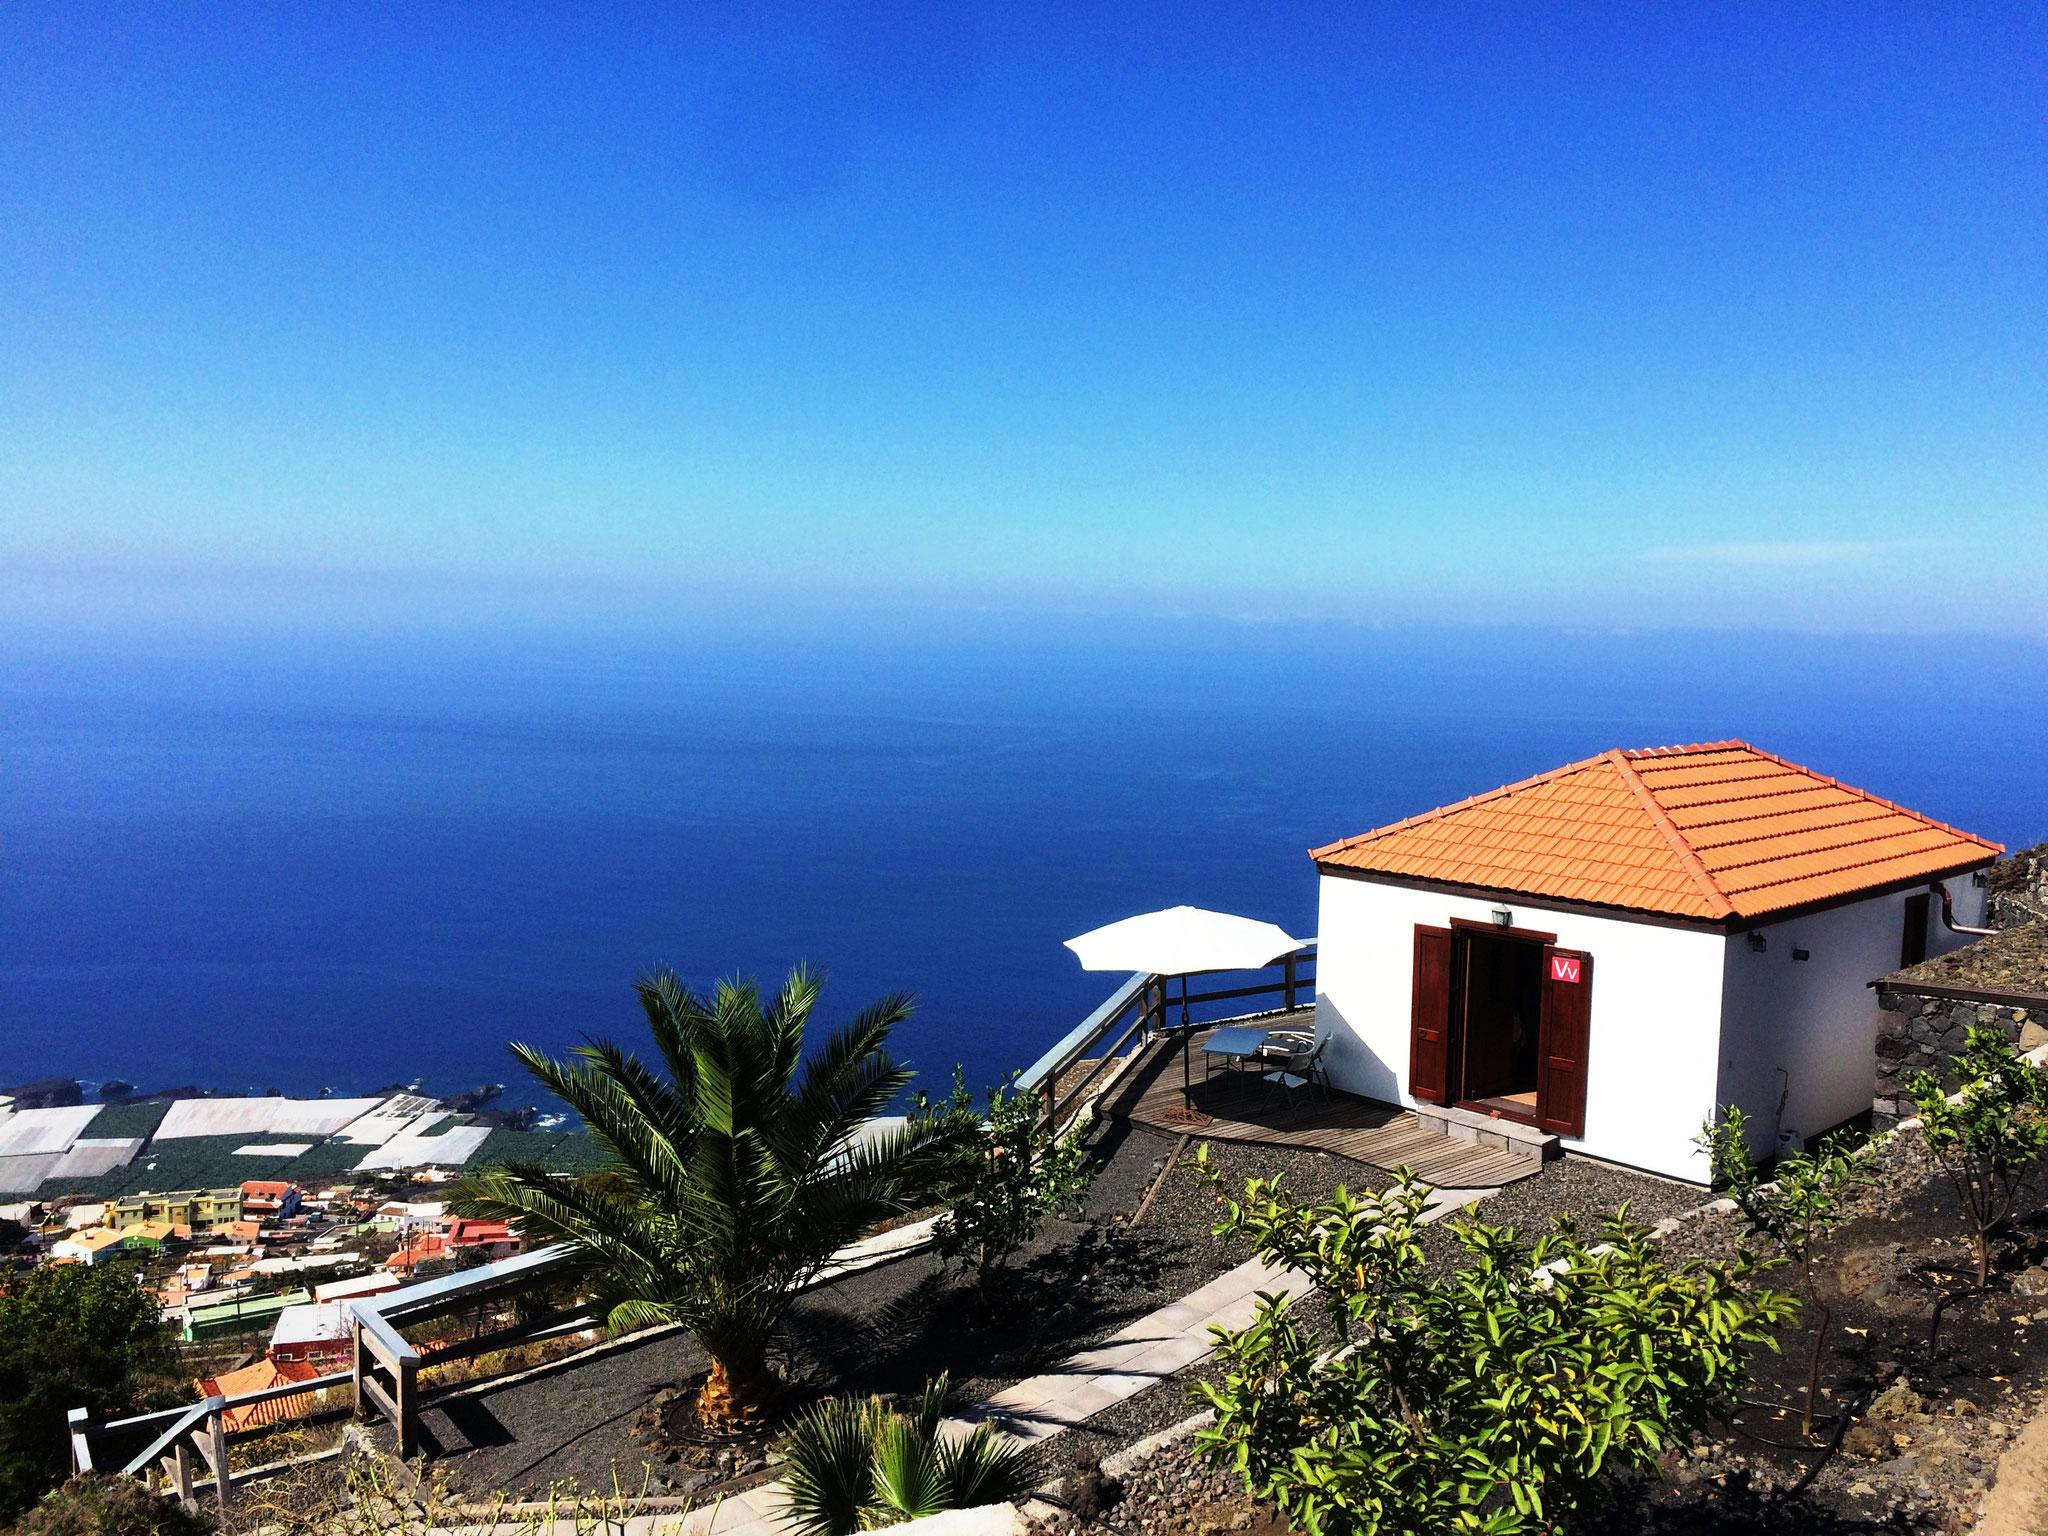 Casa Mirador - Hausansicht von Süden - Las Indias - La Palma